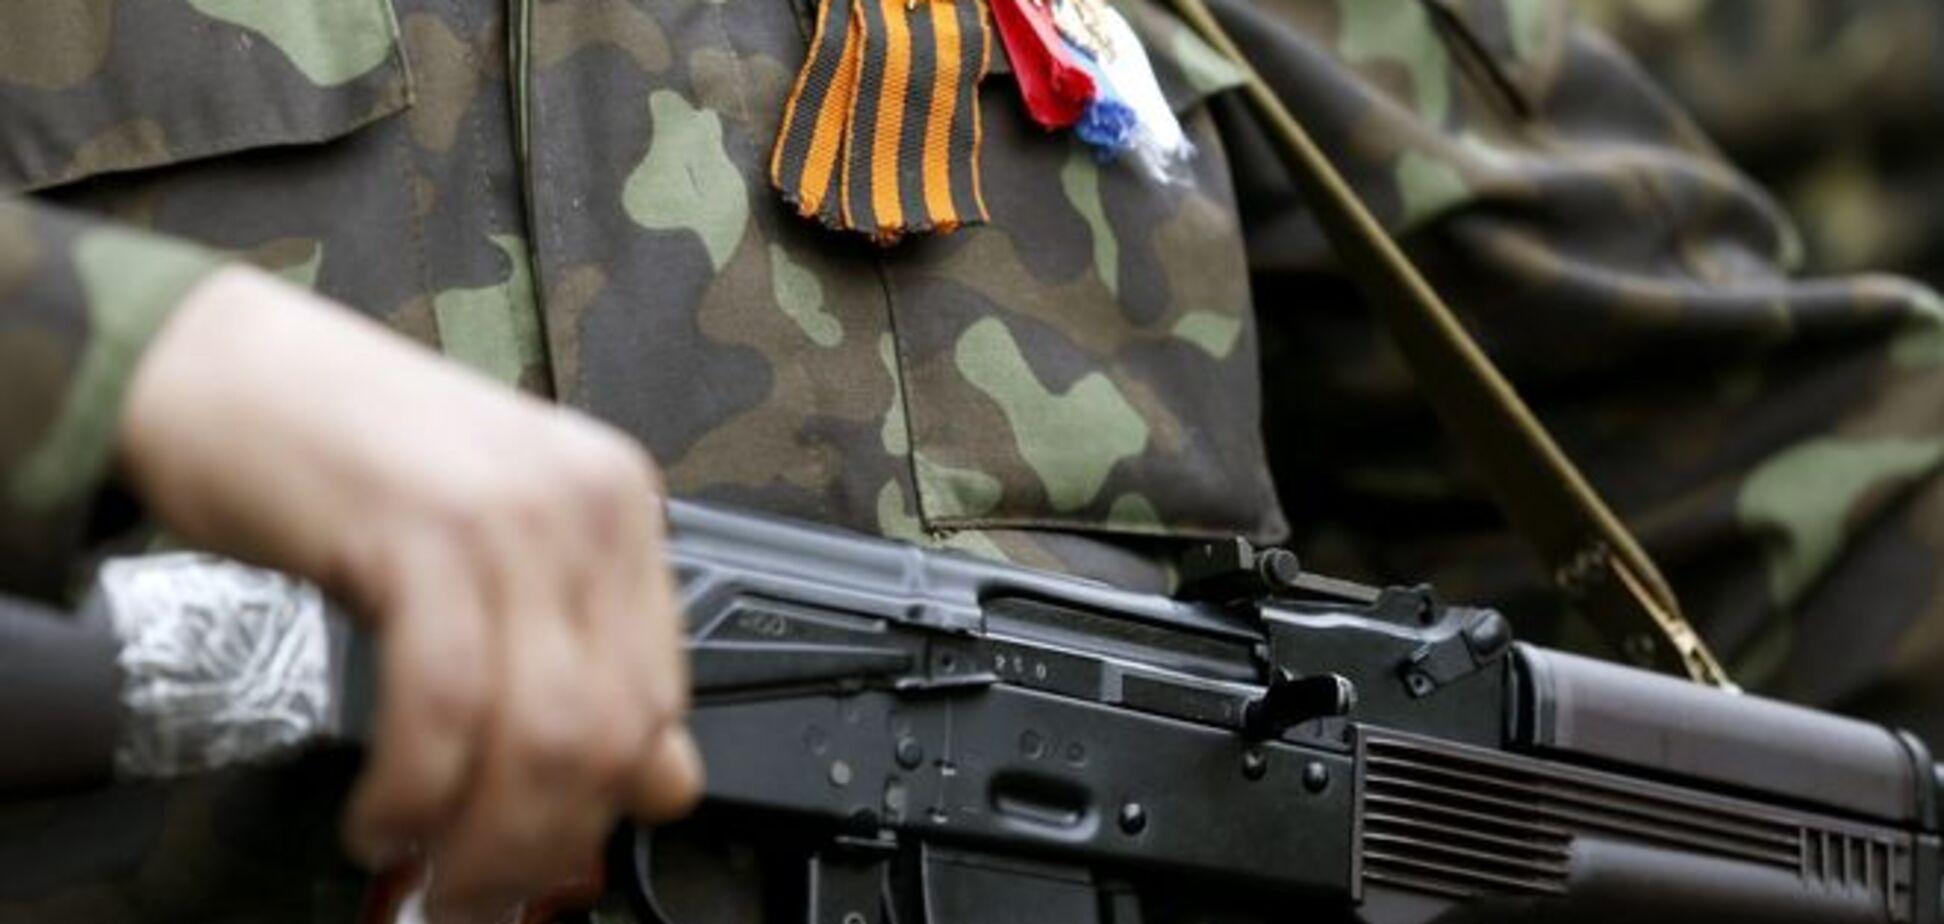 Делиться надо! Боевики в 'ЛНР' из-за жадности забили до смерти своего сослуживца